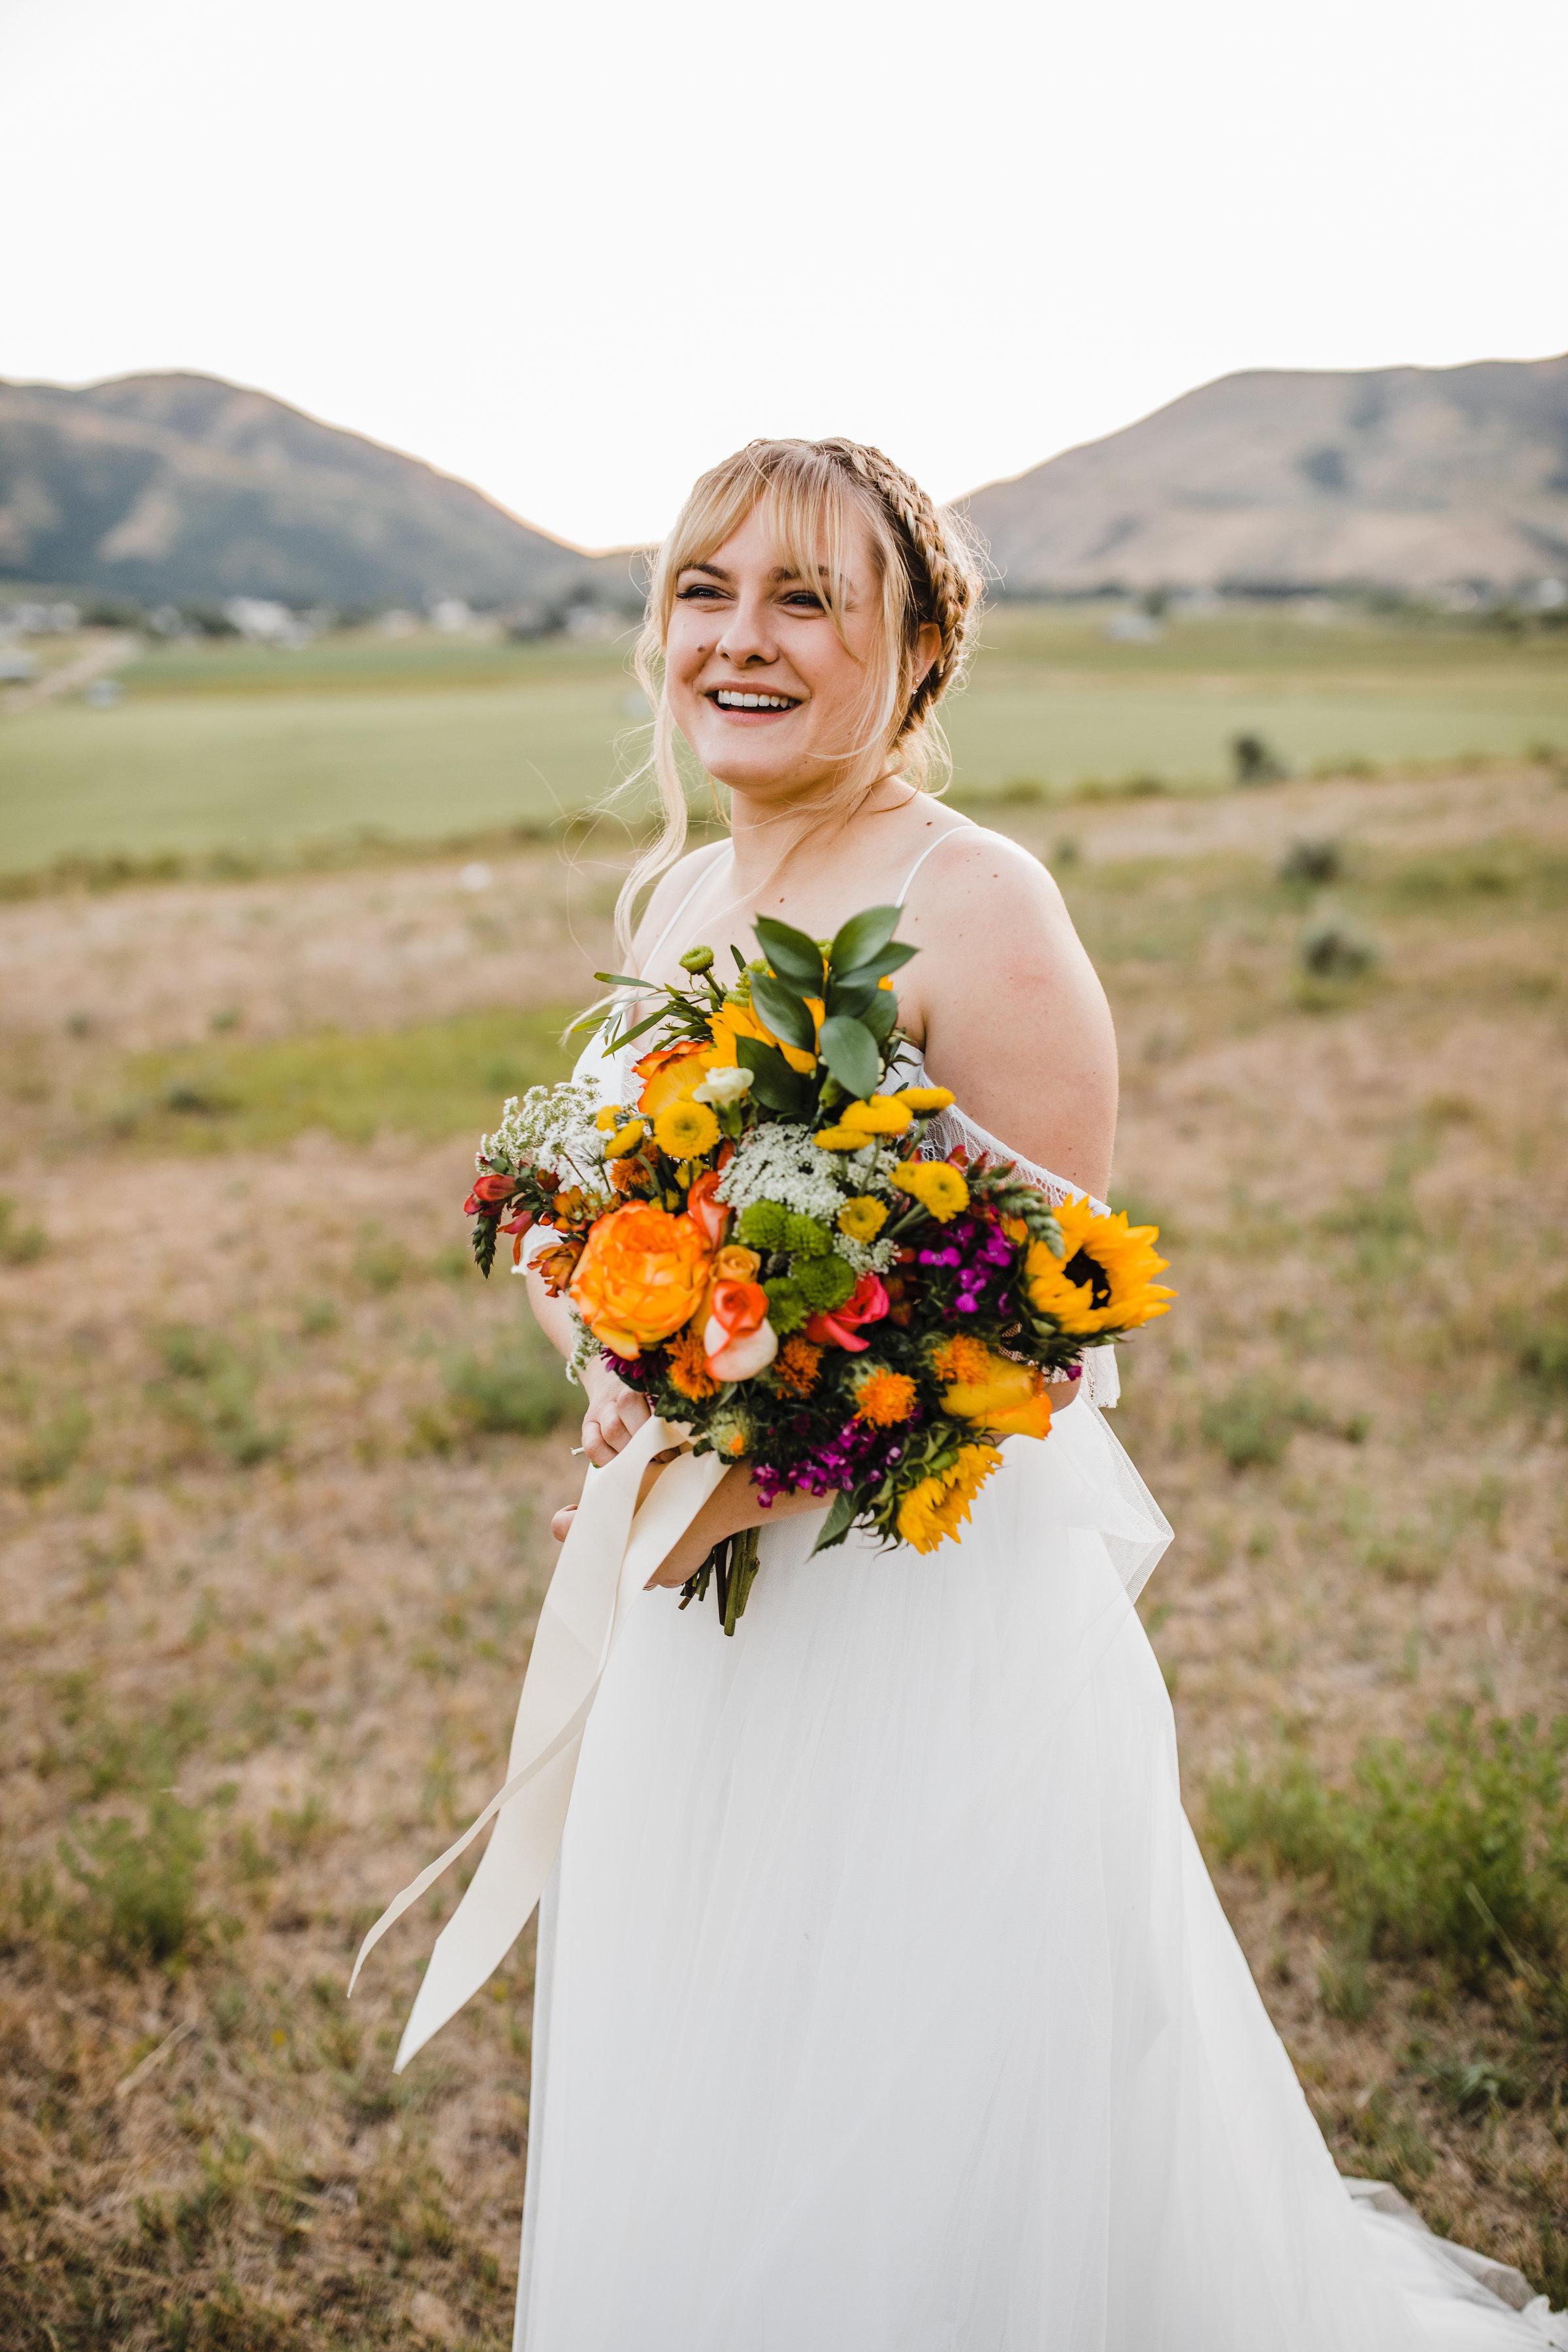 cache valley professional wedding photographer formals bridals sunflower bouquet boho braids